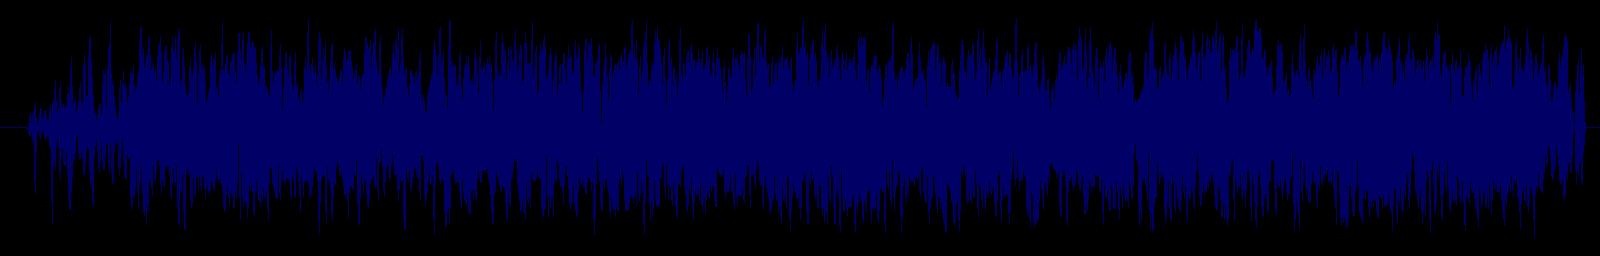 waveform of track #136458